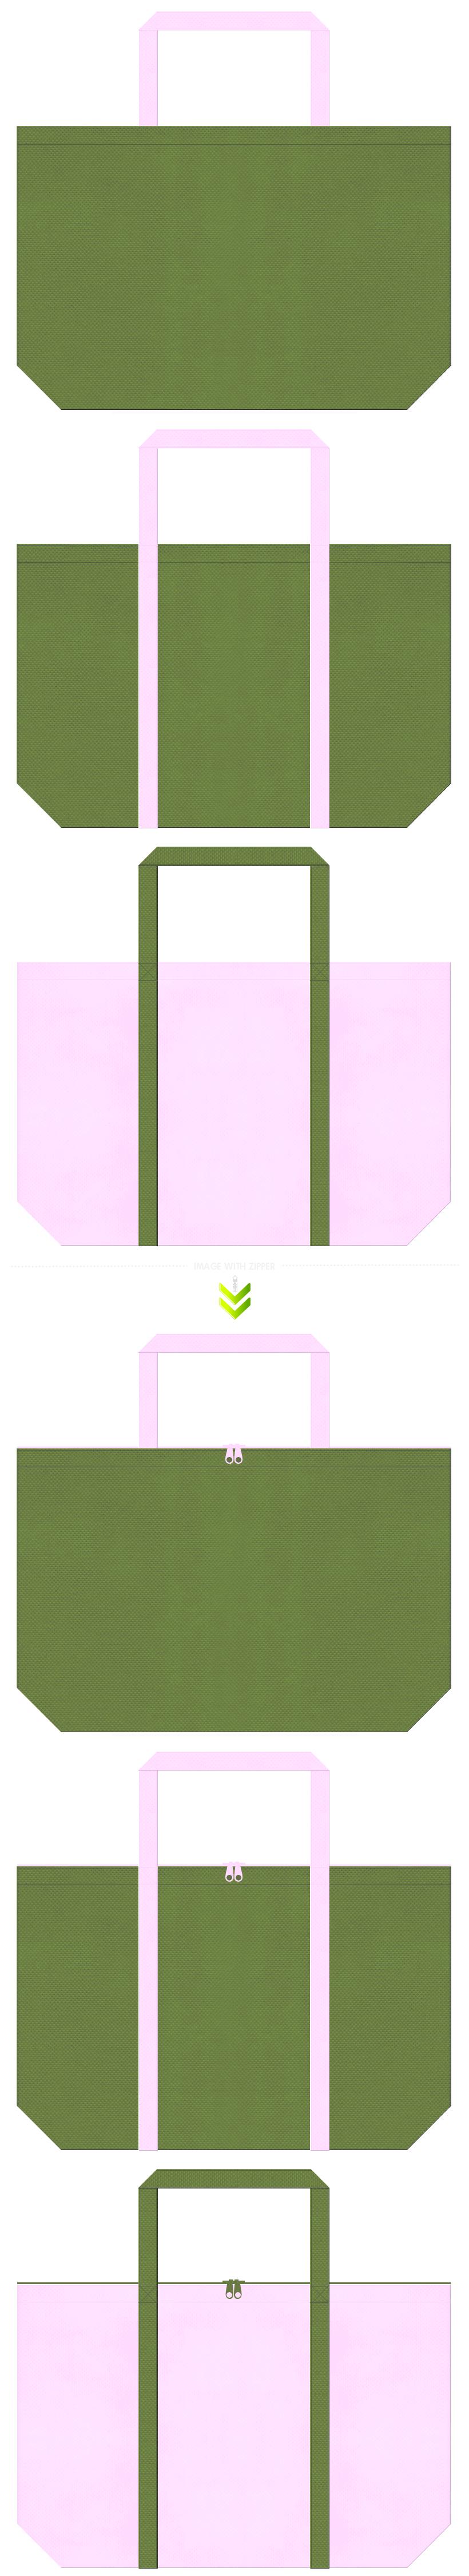 桜餅・三色団子・抹茶・和菓子・和風催事・和風エコバッグにお奨めの不織布バッグのデザイン:草色と明るいピンク色のコーデ